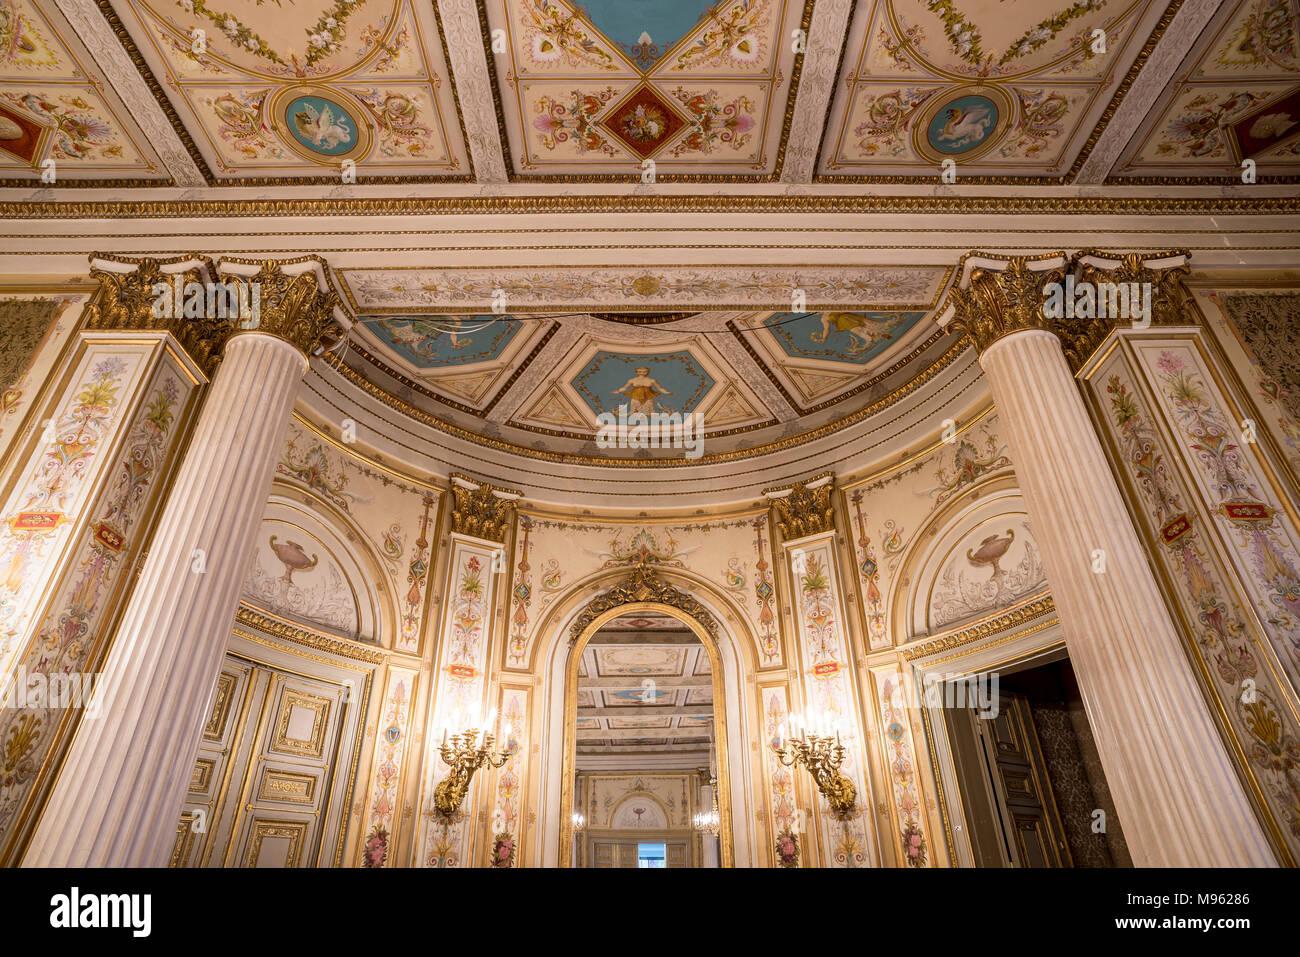 Stadtschloss, Musiksaal, Das ehemalige Stadtschloss der Herzöge von Nassau.  Seit 1946 befindet sich hier der Sitz des Hessischen Landesparlaments. - Stock Image